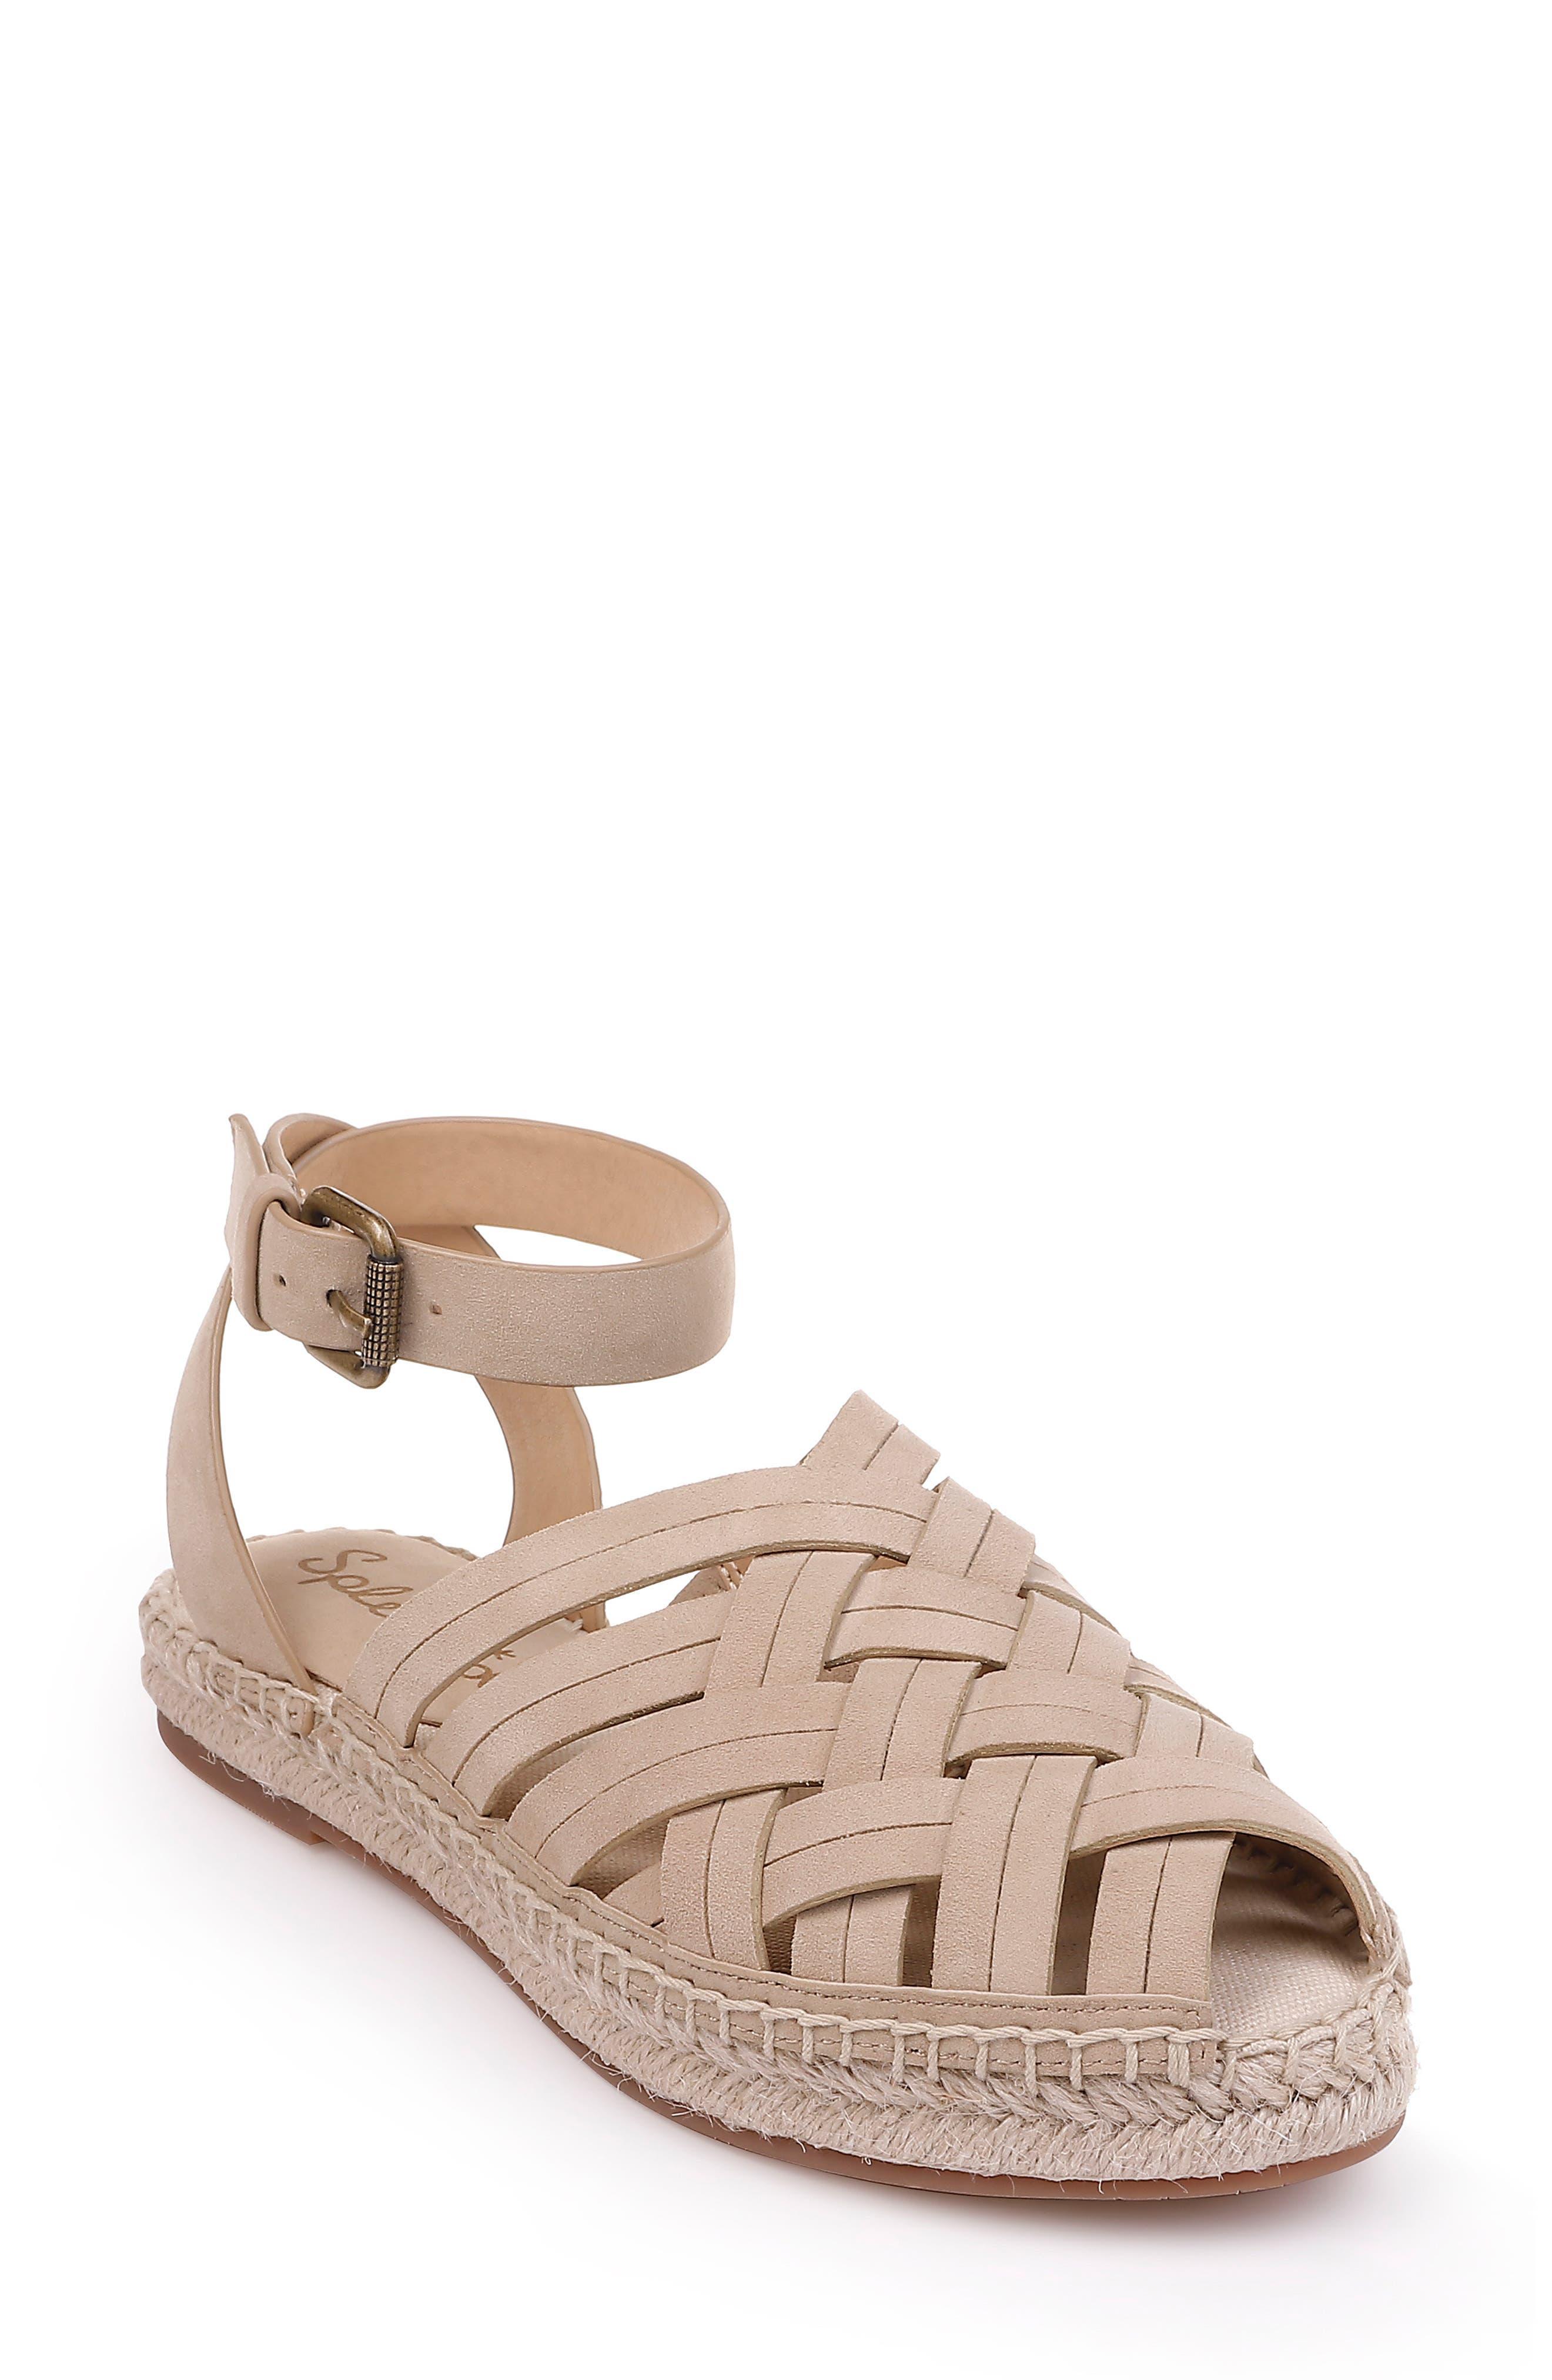 SPLENDID Sheryl Espadrille Ankle Strap Sandal, Main, color, MUSHROOM SUEDE